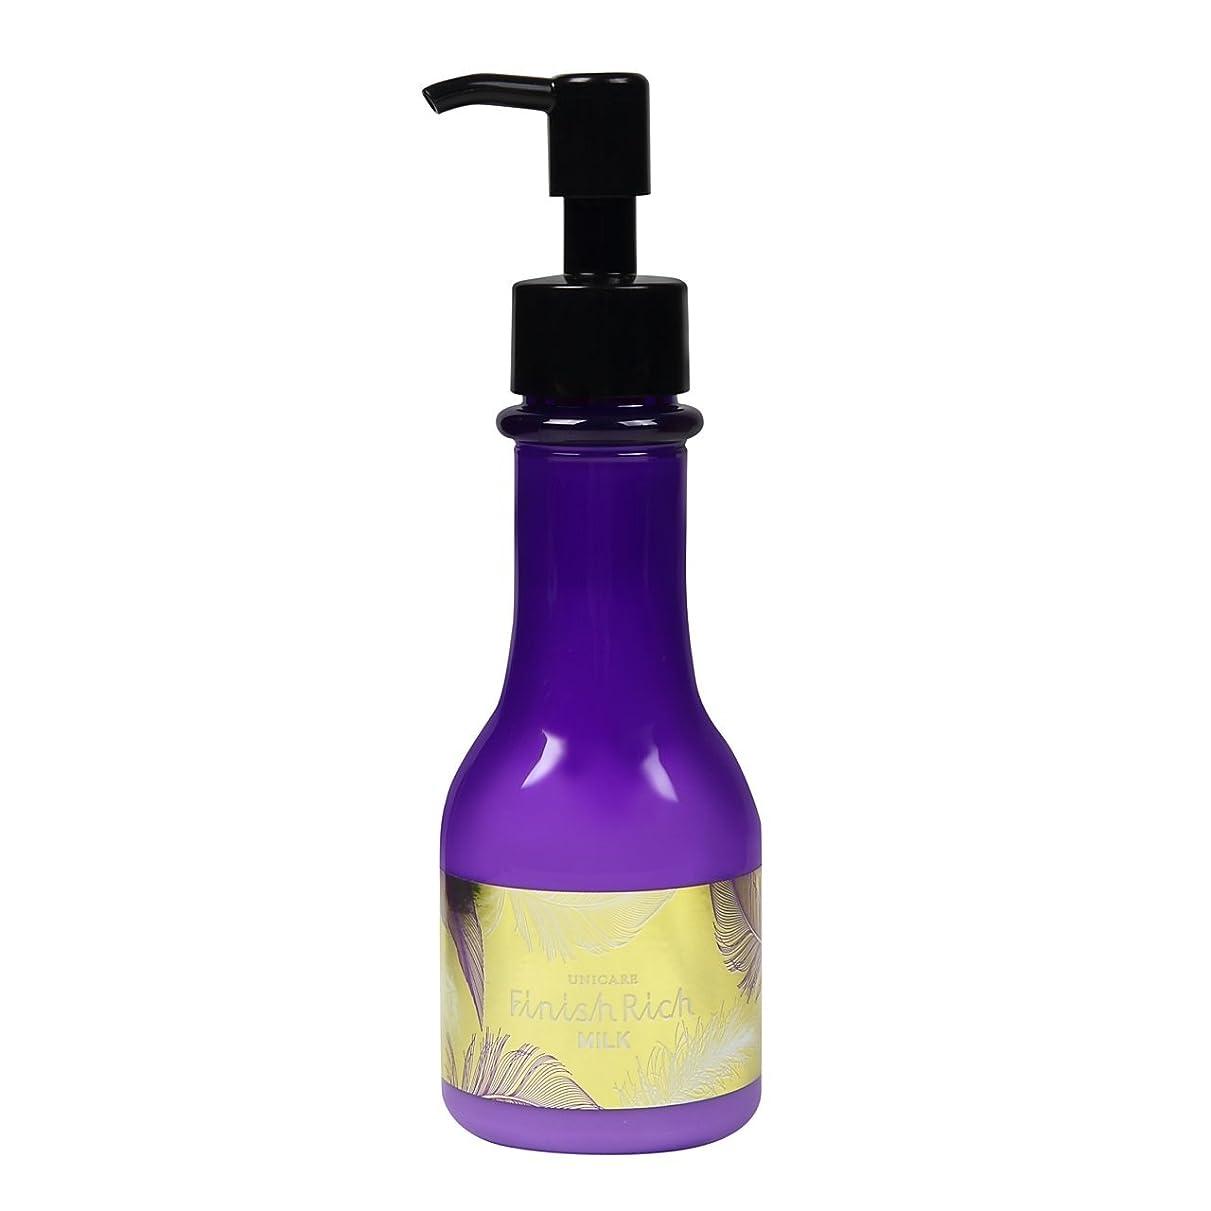 チート盆地アメリカユニケアー フィニッシュリッチミルク 120ml 洗い流さないヘアトリートメント